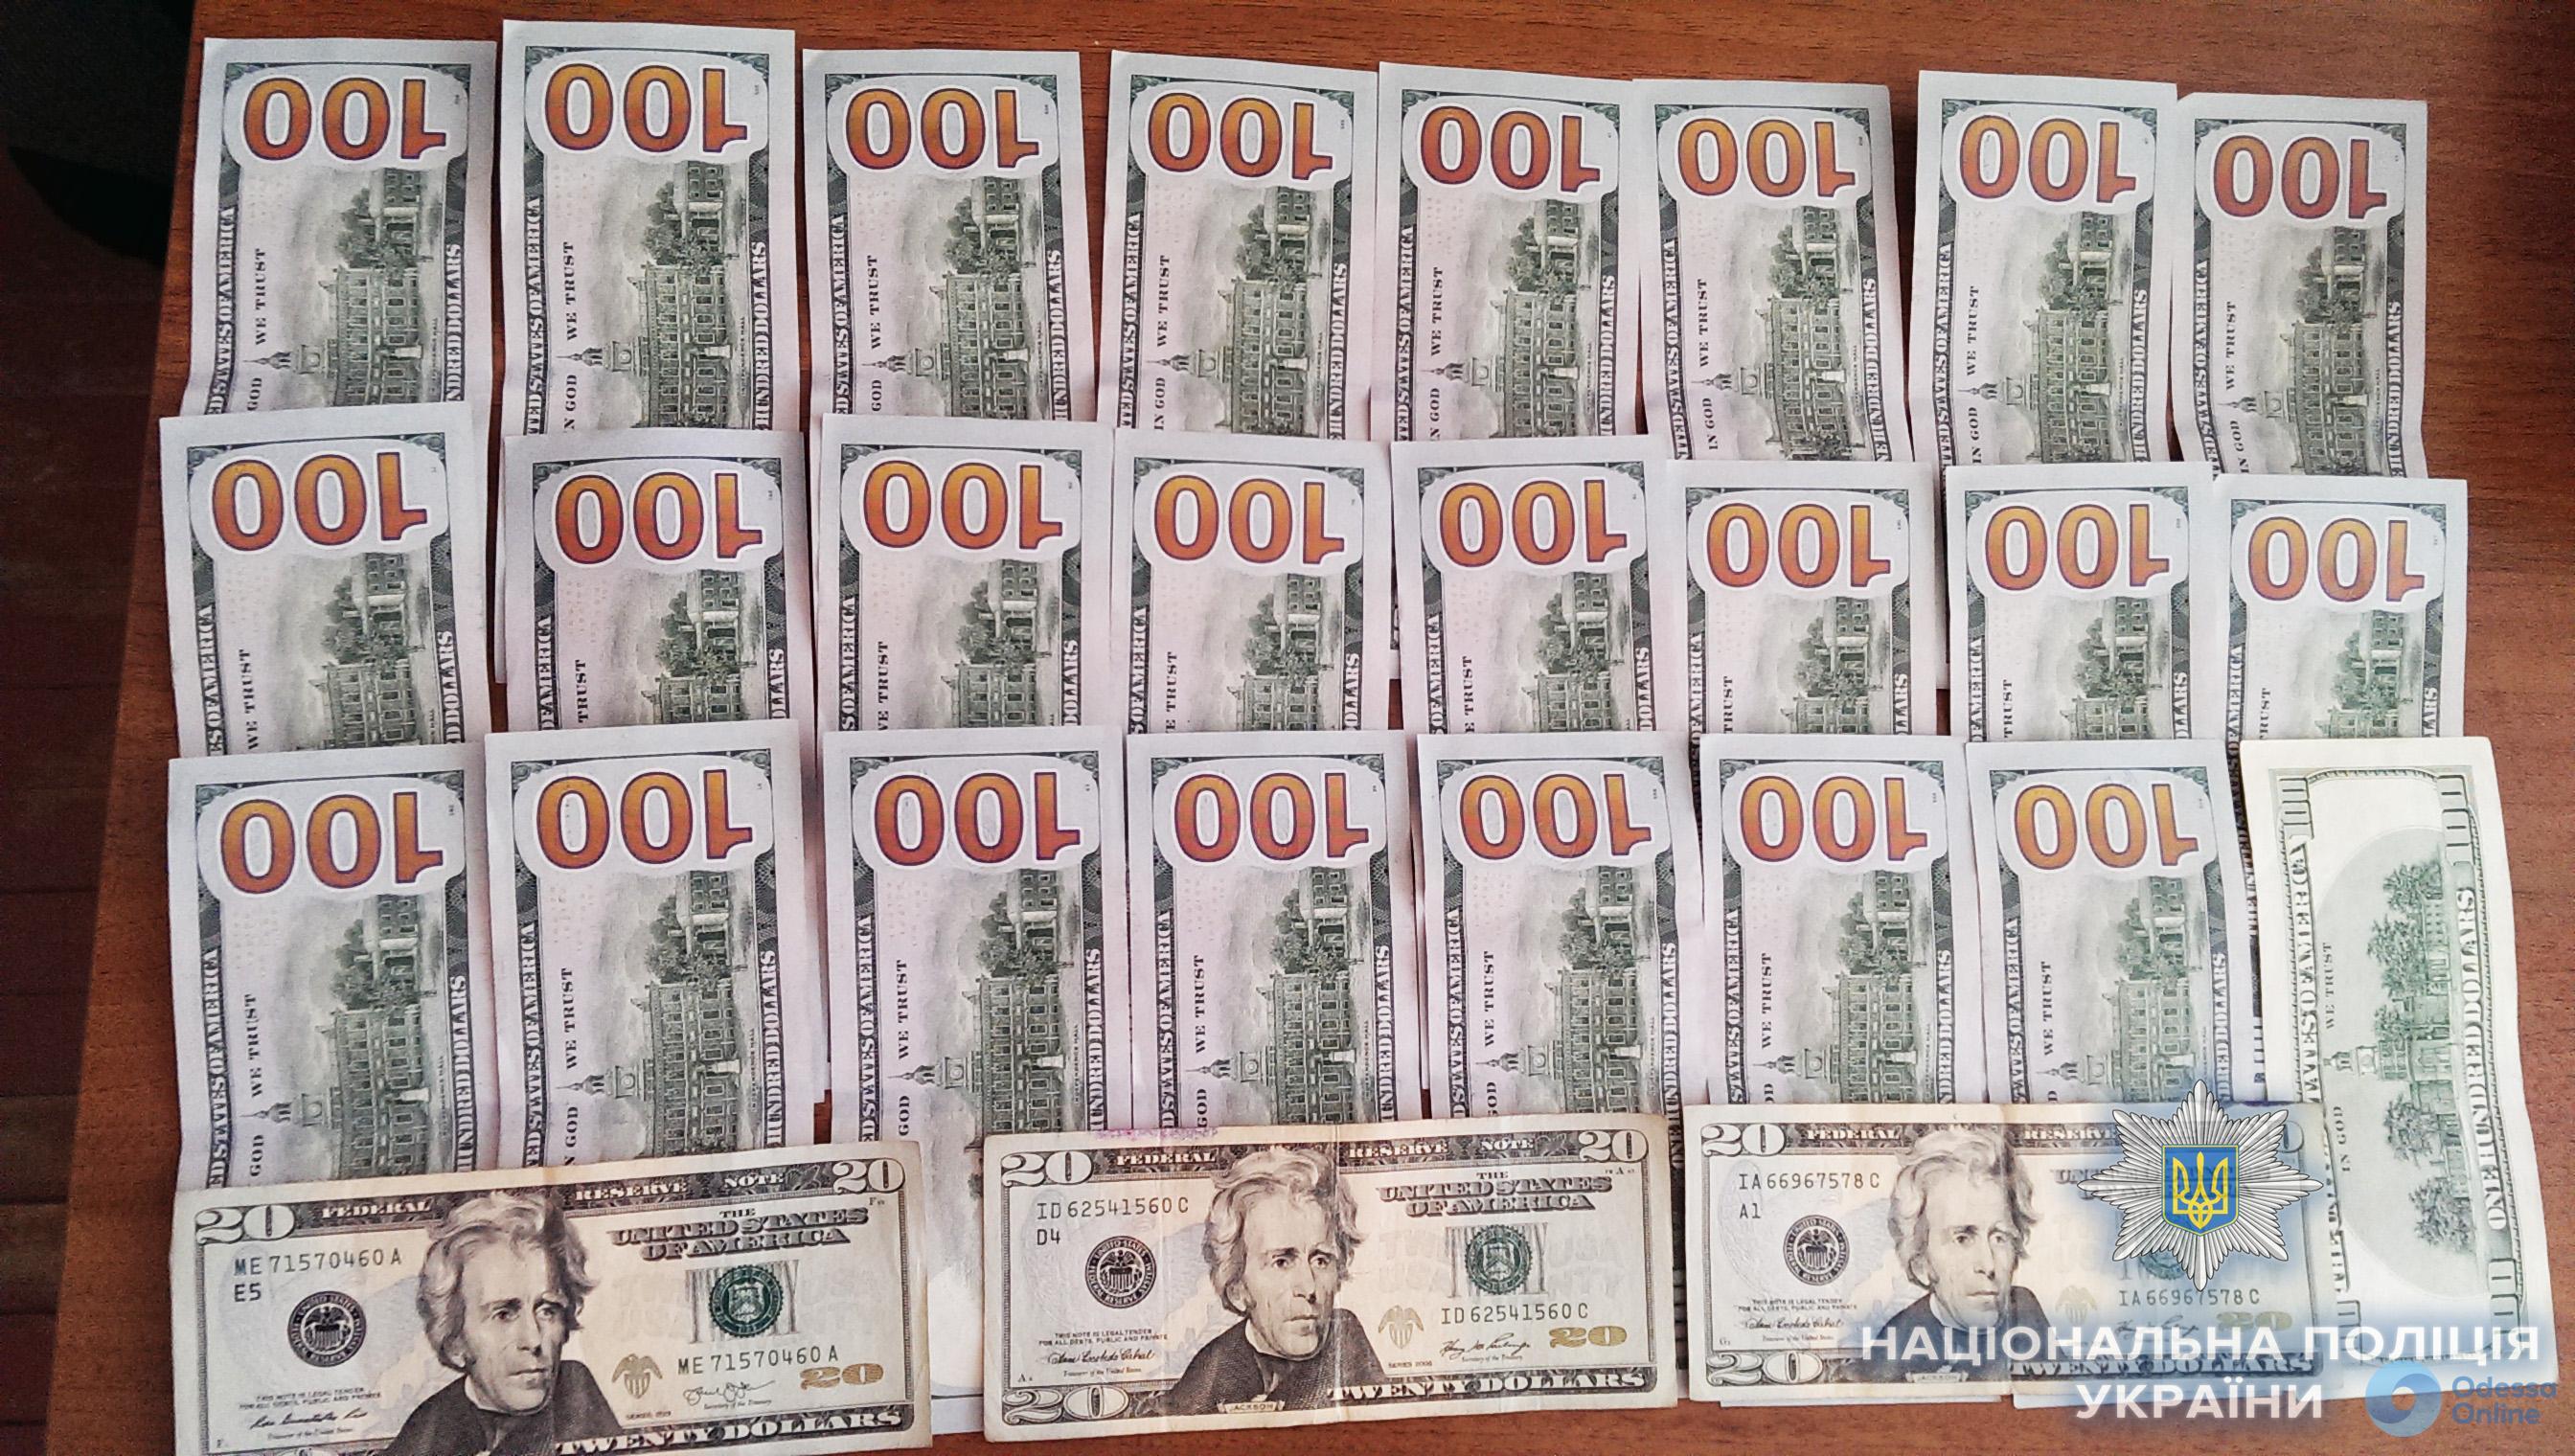 Одесская область: рецидивист украл из офиса более 170 тысяч гривен